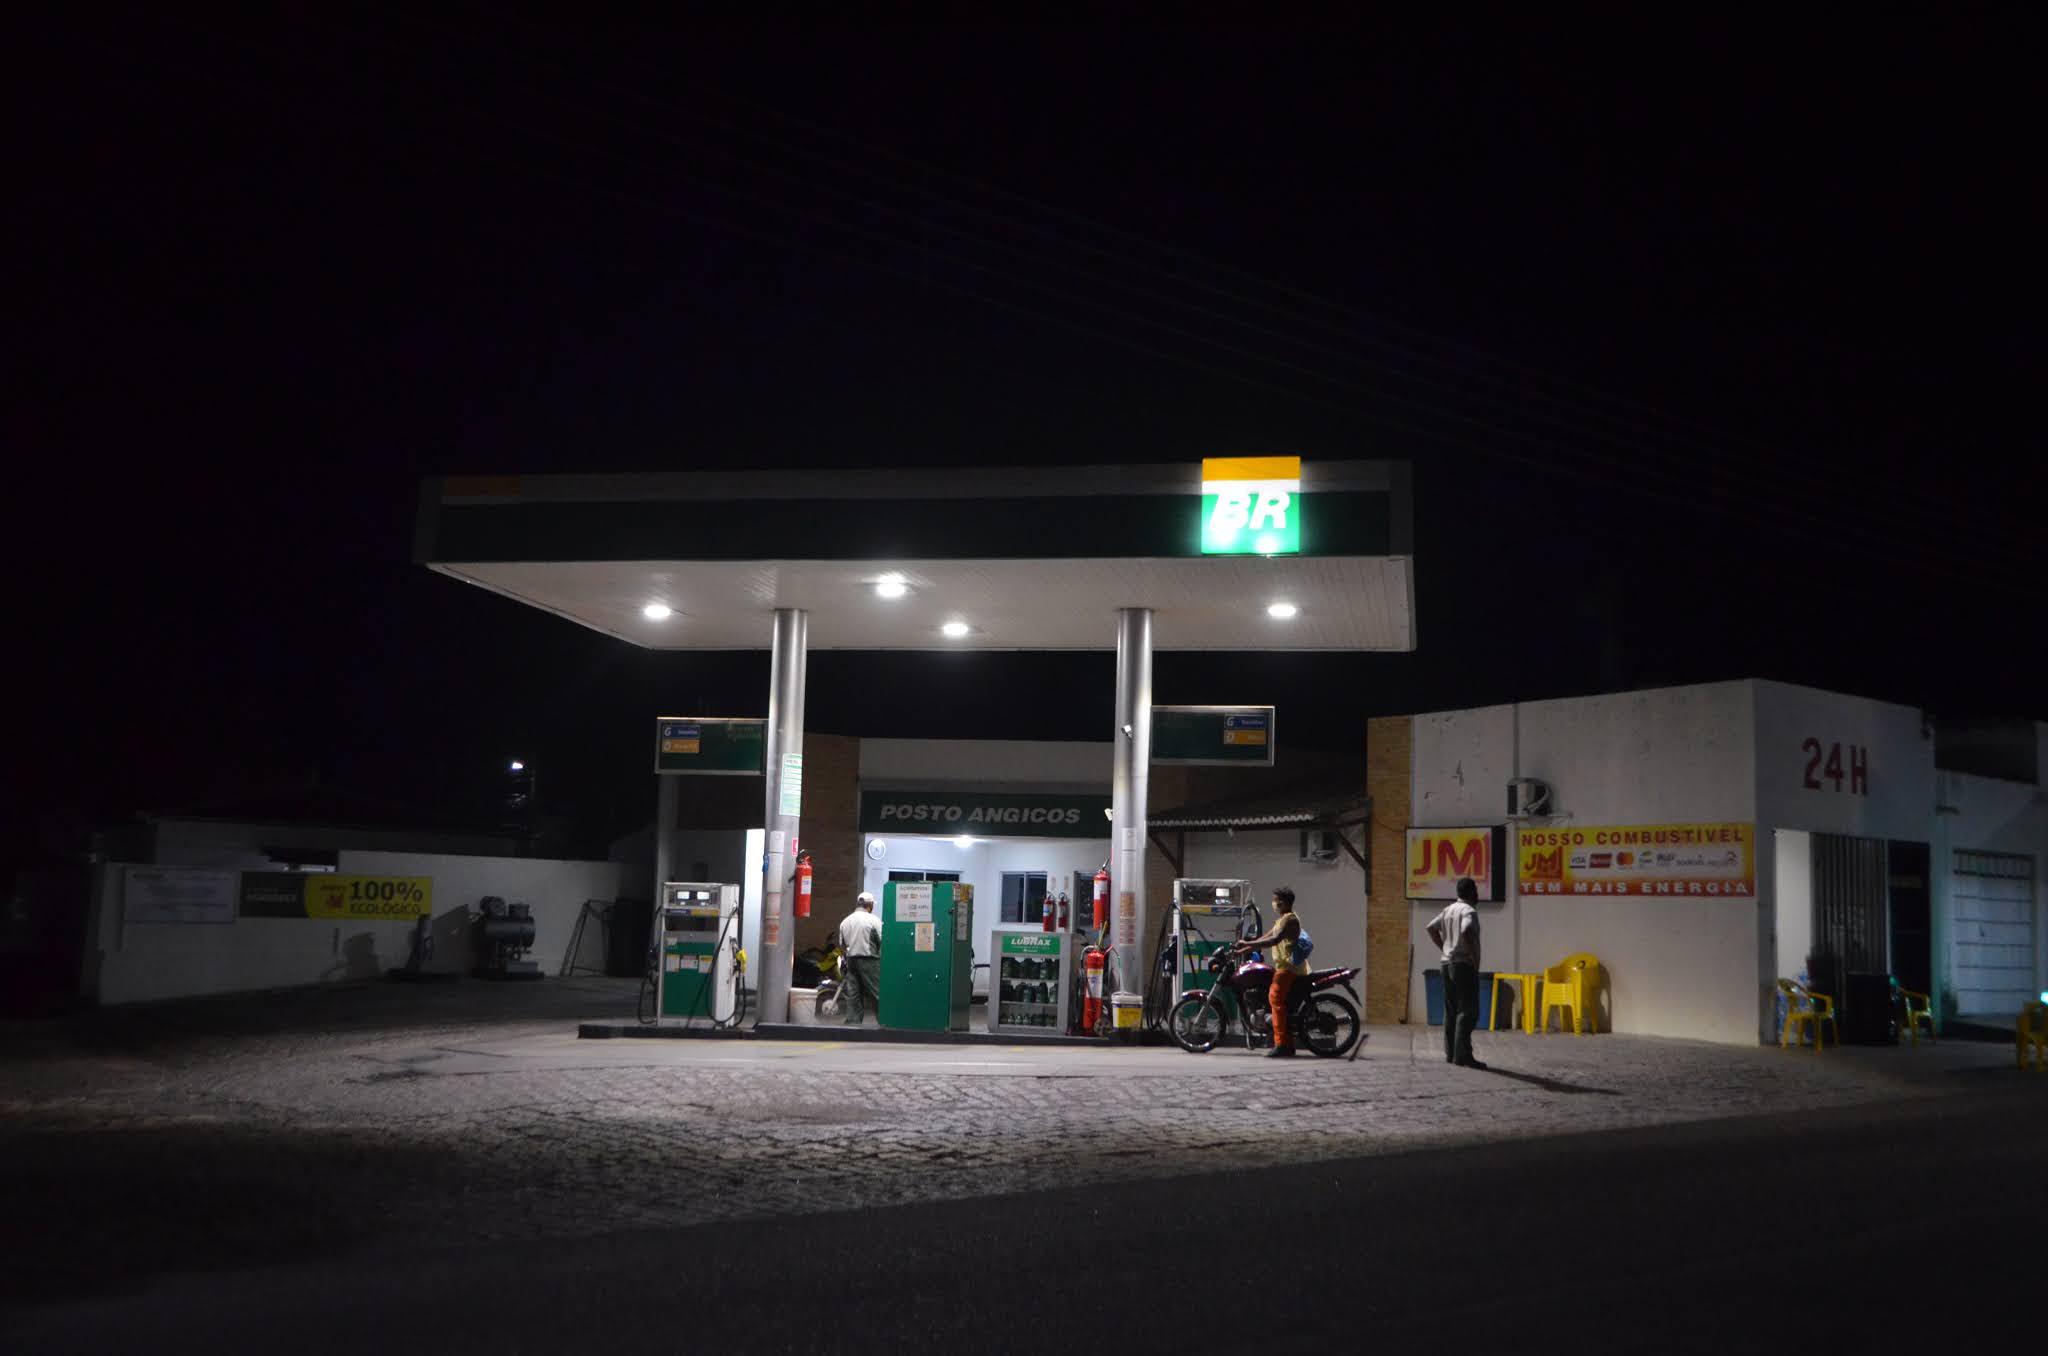 Posto de combustíveis localizado no centro de Angicos foi assaltado na noite desta quarta-feira (27)